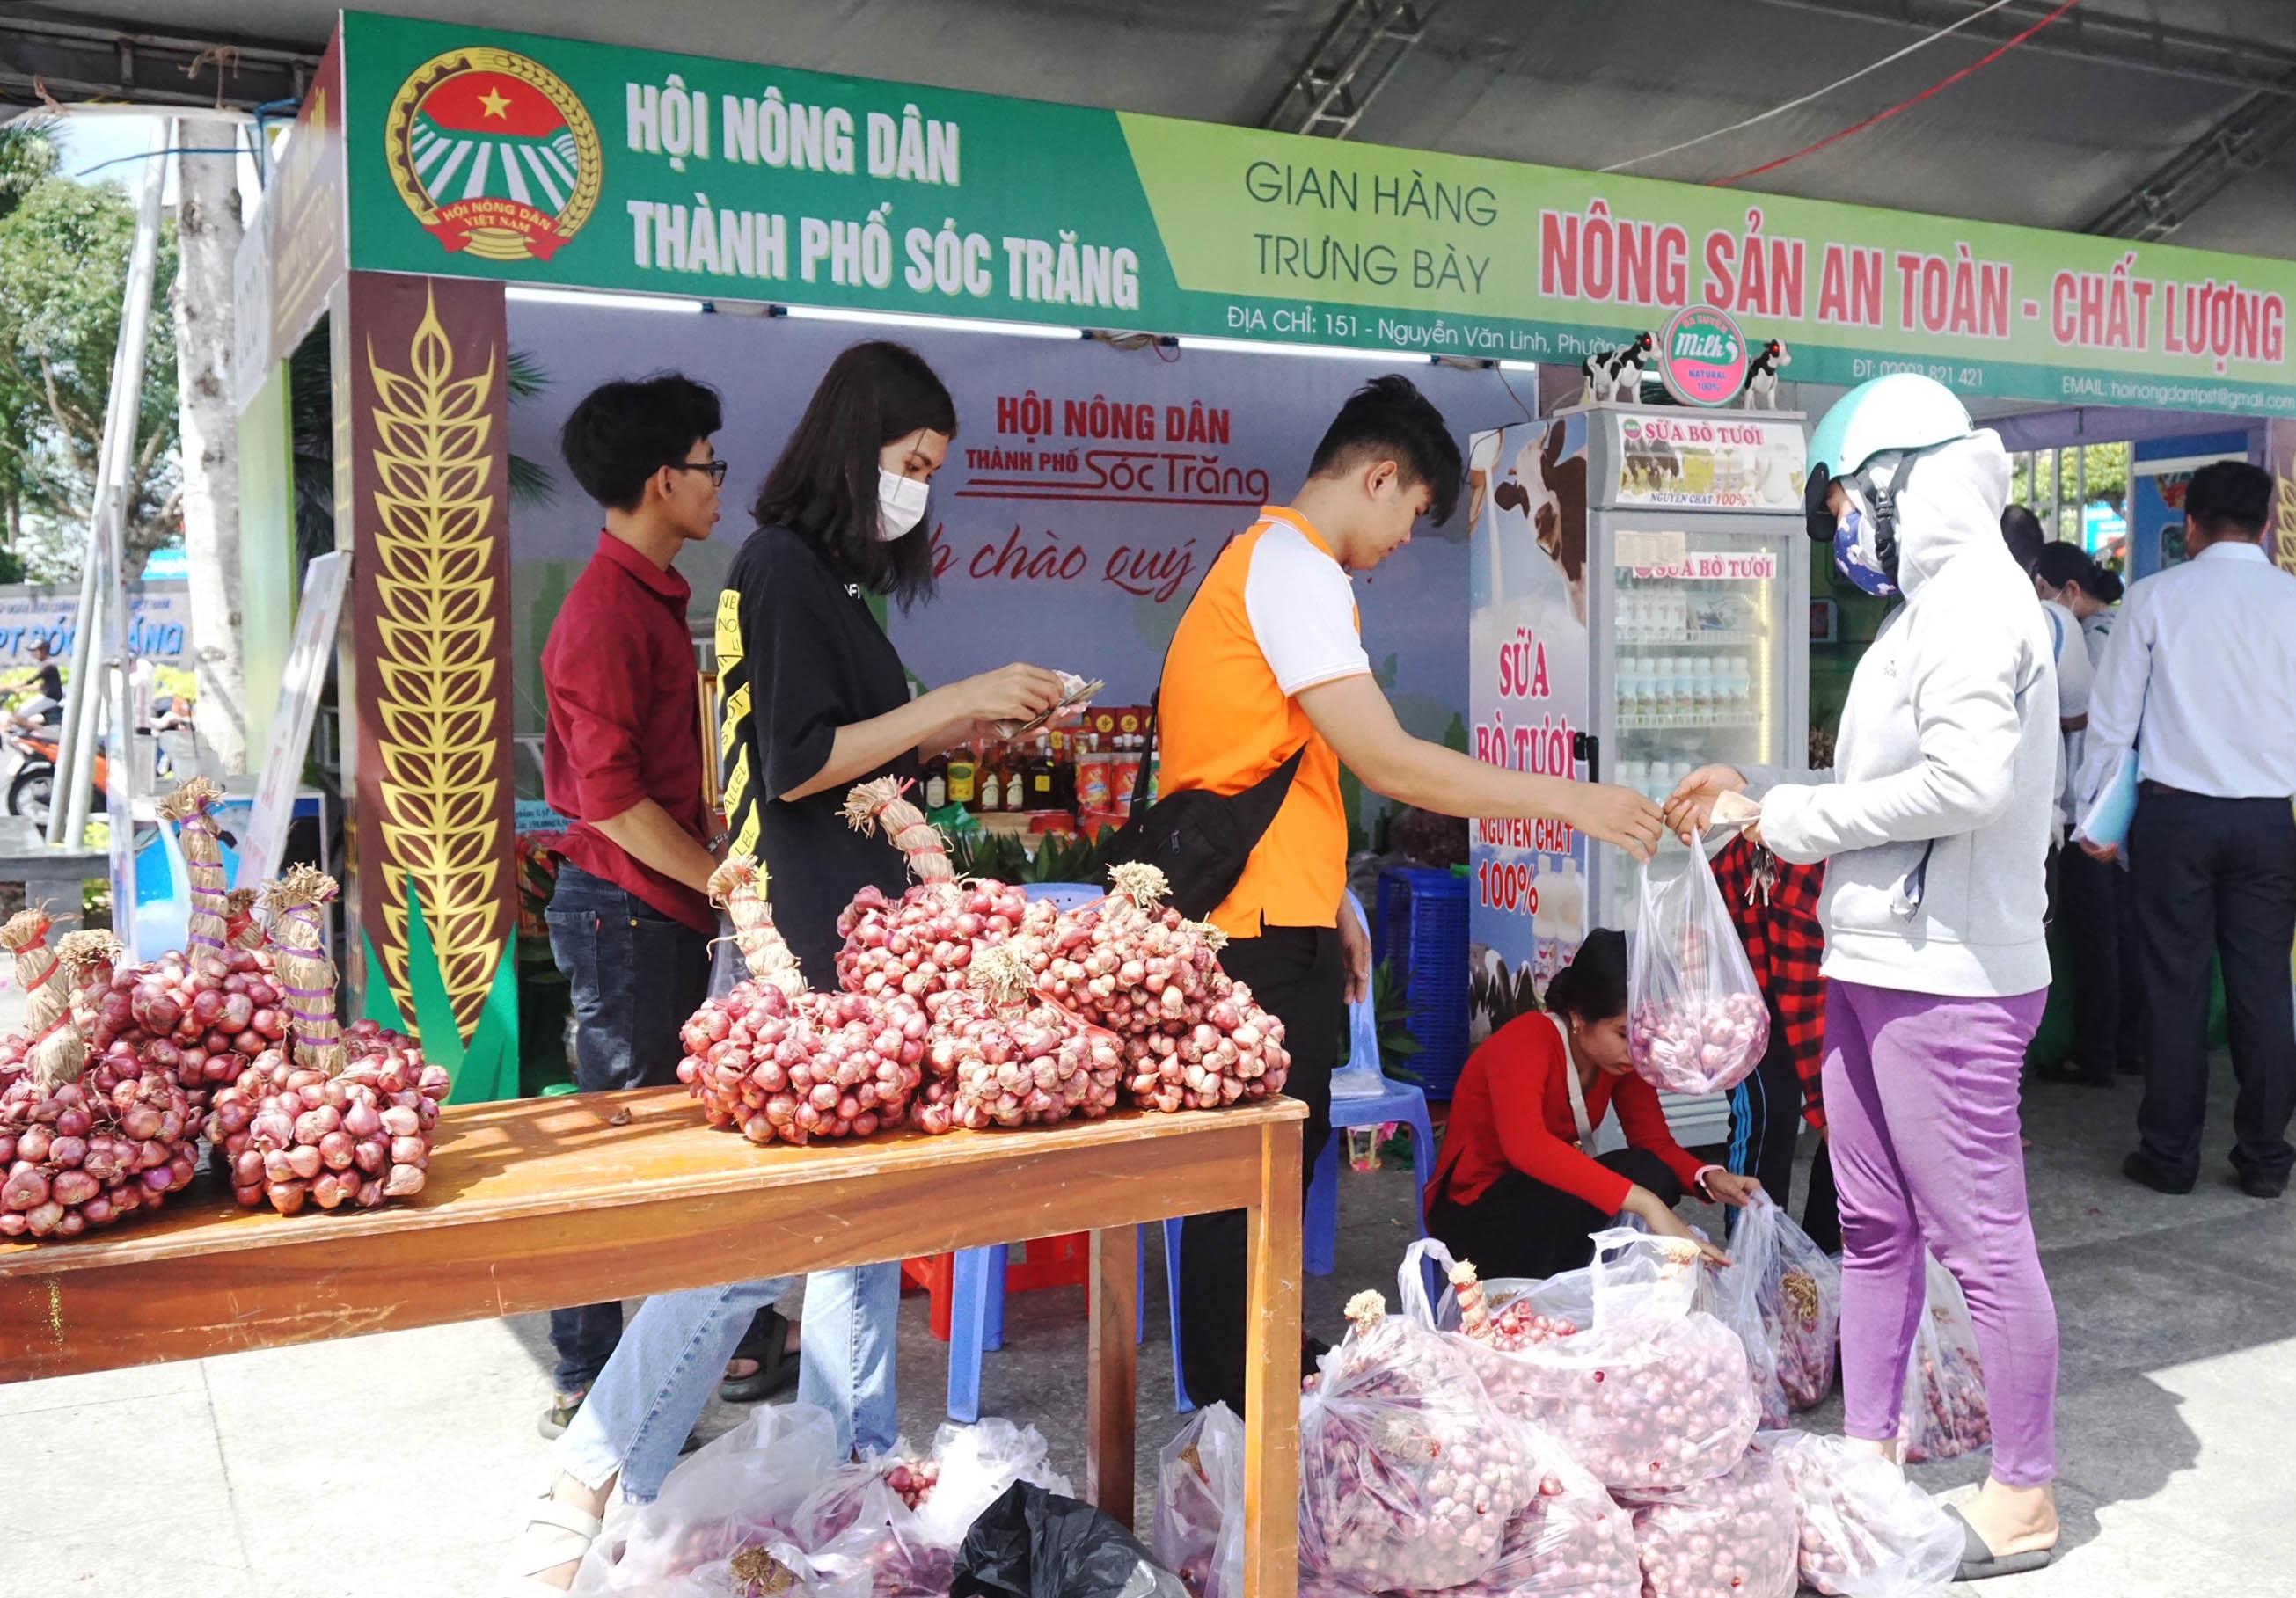 Hội Nông dân tỉnh Sóc Trăng hỗ trợ bà con tiêu thụ hành tím tại Hội chợ Nông sản